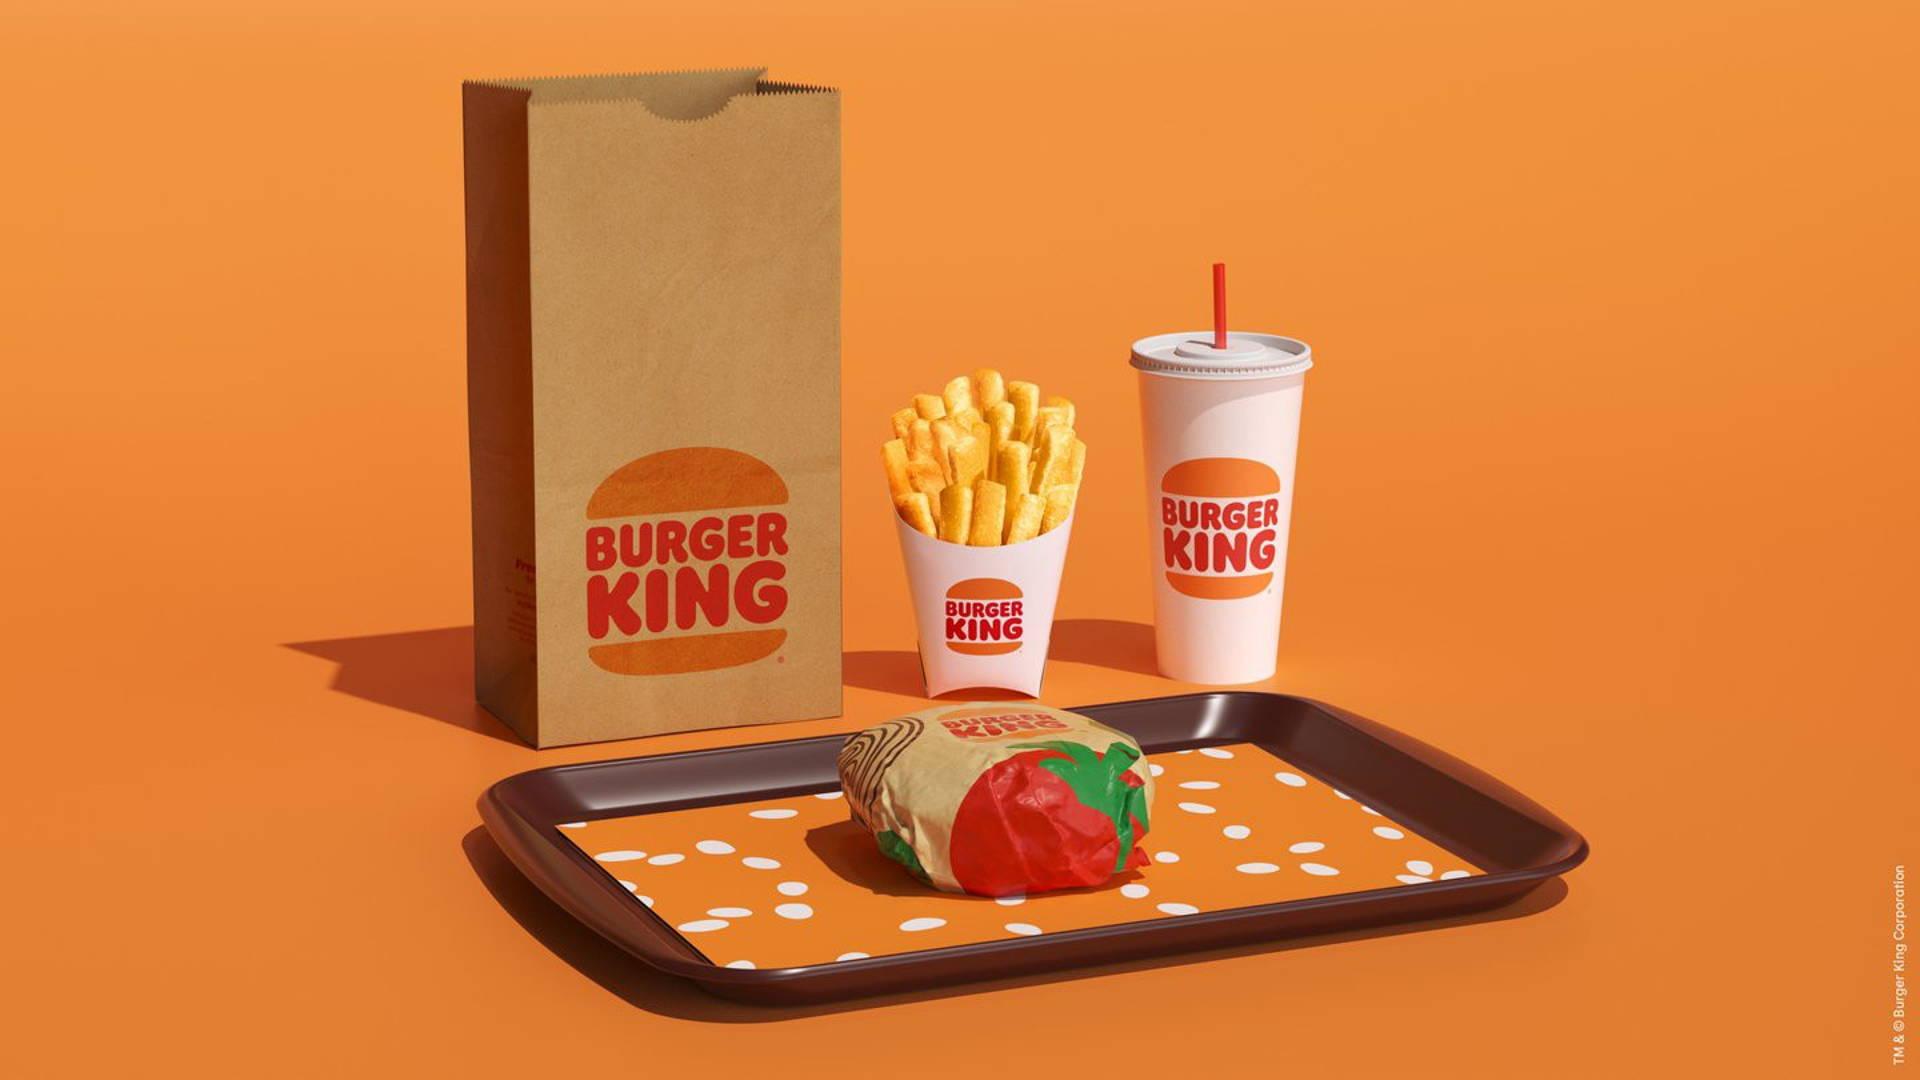 汉堡王品牌升级设计